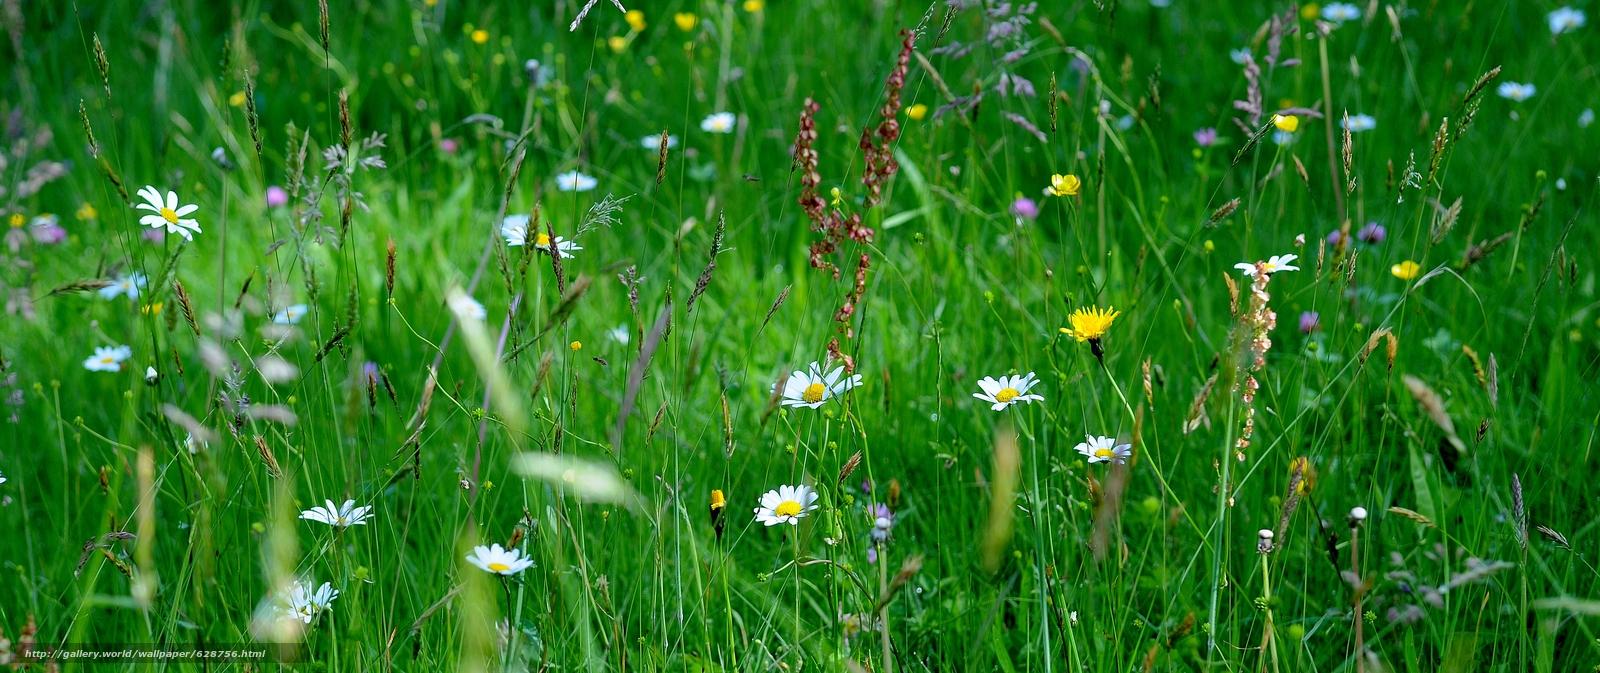 цветы, макро, трава, поле